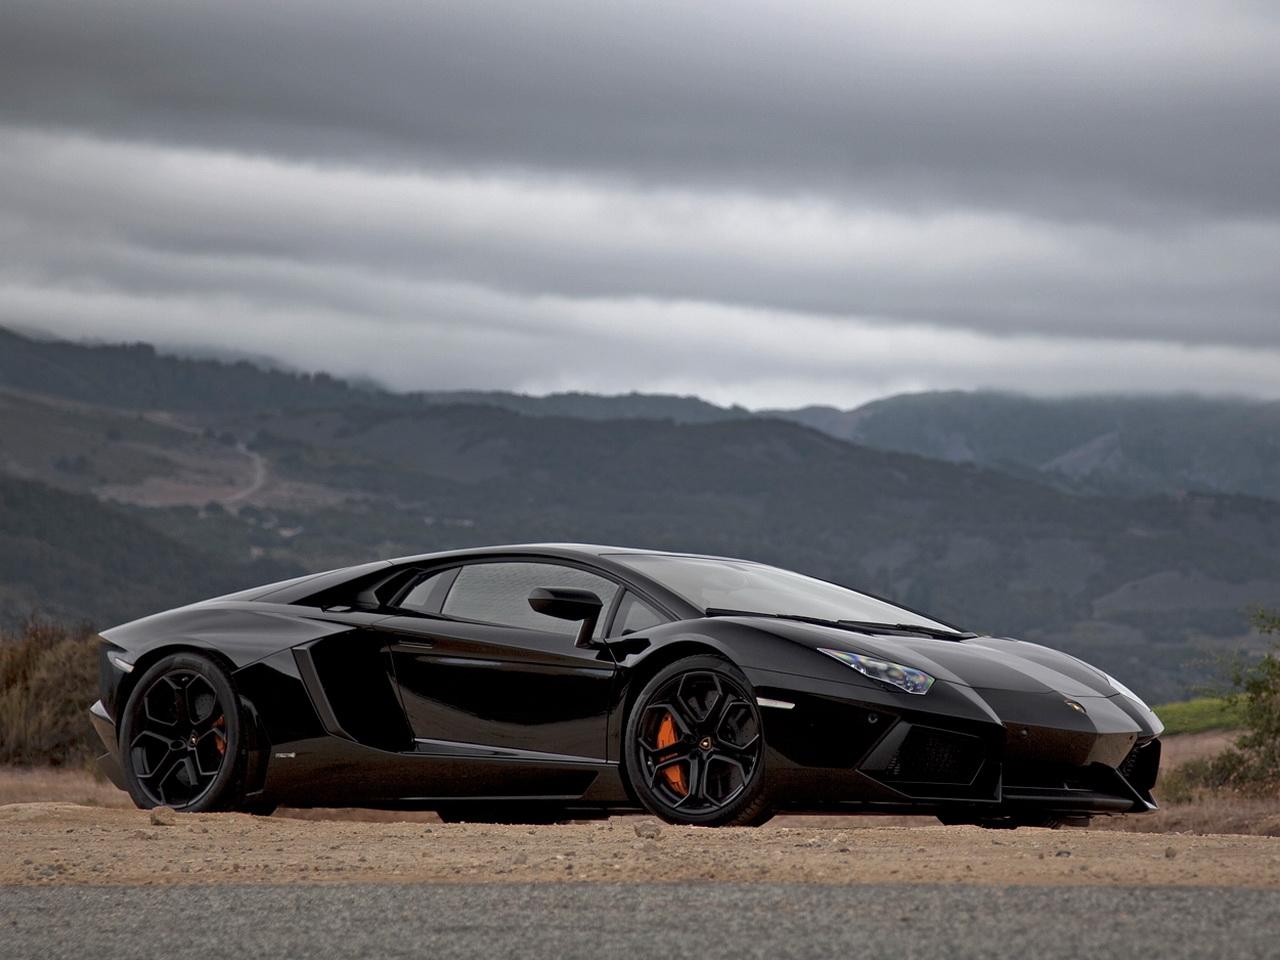 Wallpaper Full HD 1080p Lamborghini New